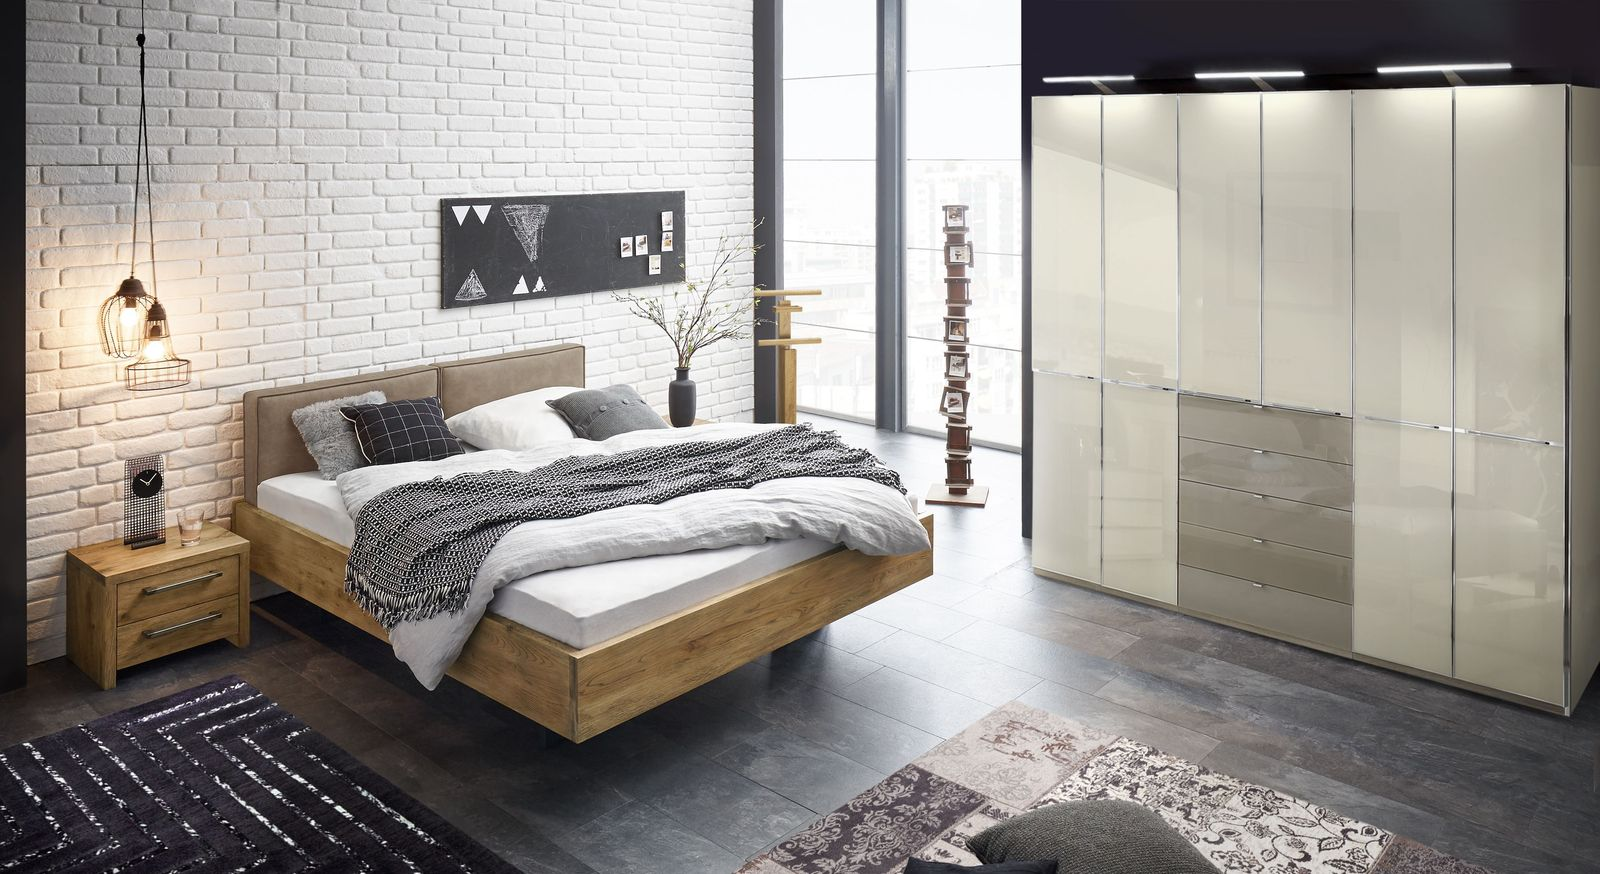 Bett Dourados mit passender Schlafzimmer-Einrichtung